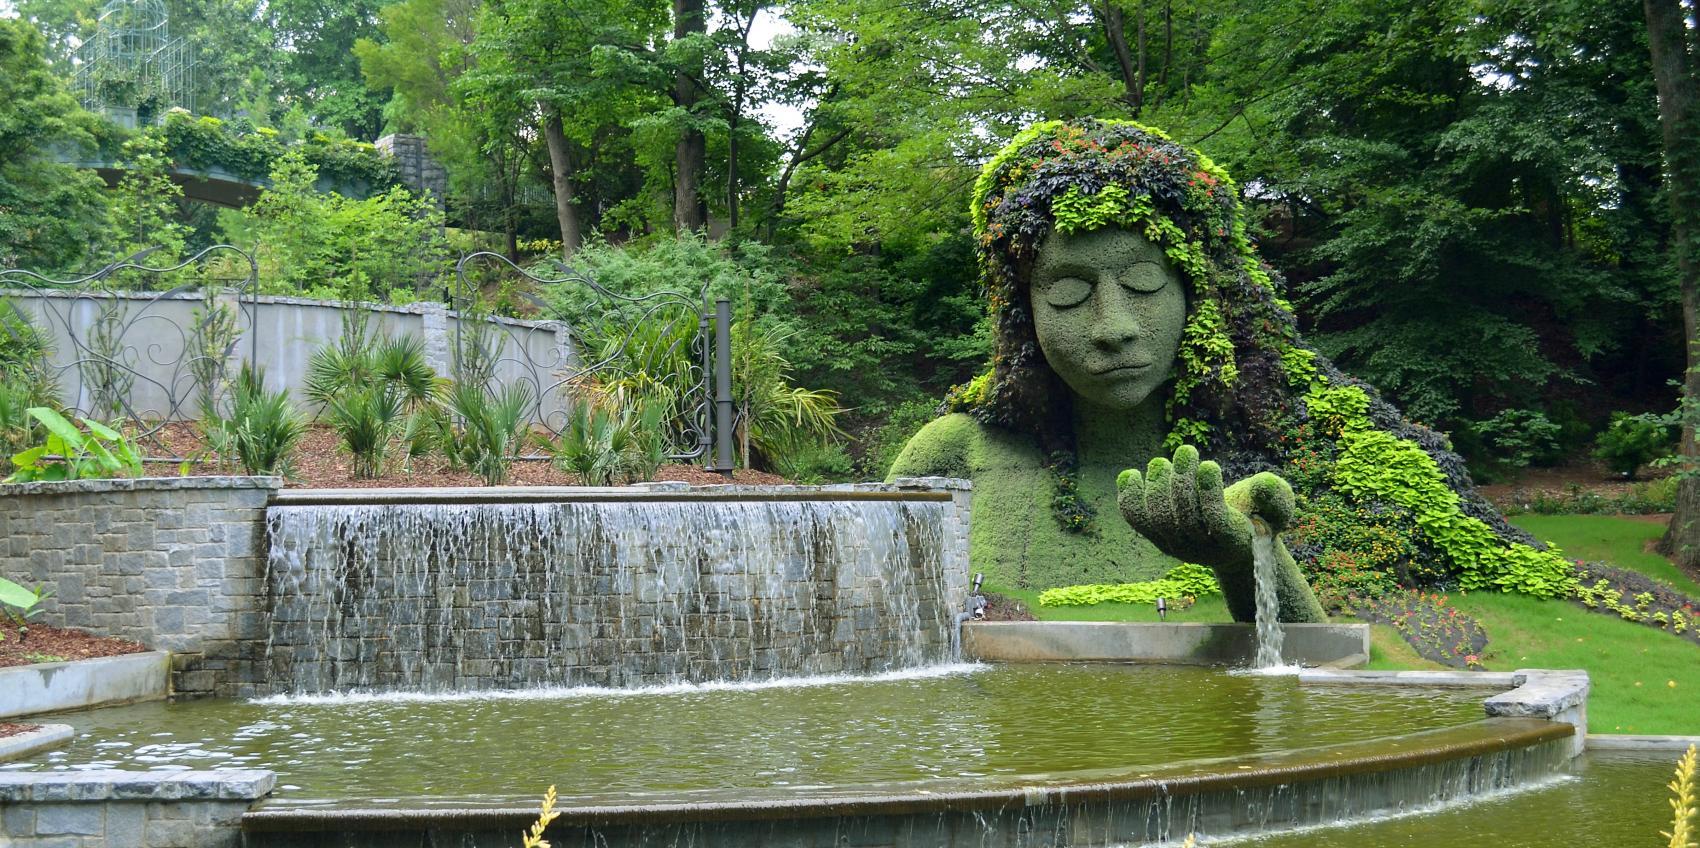 Atlanta Botanical Garden American Public Gardens Association